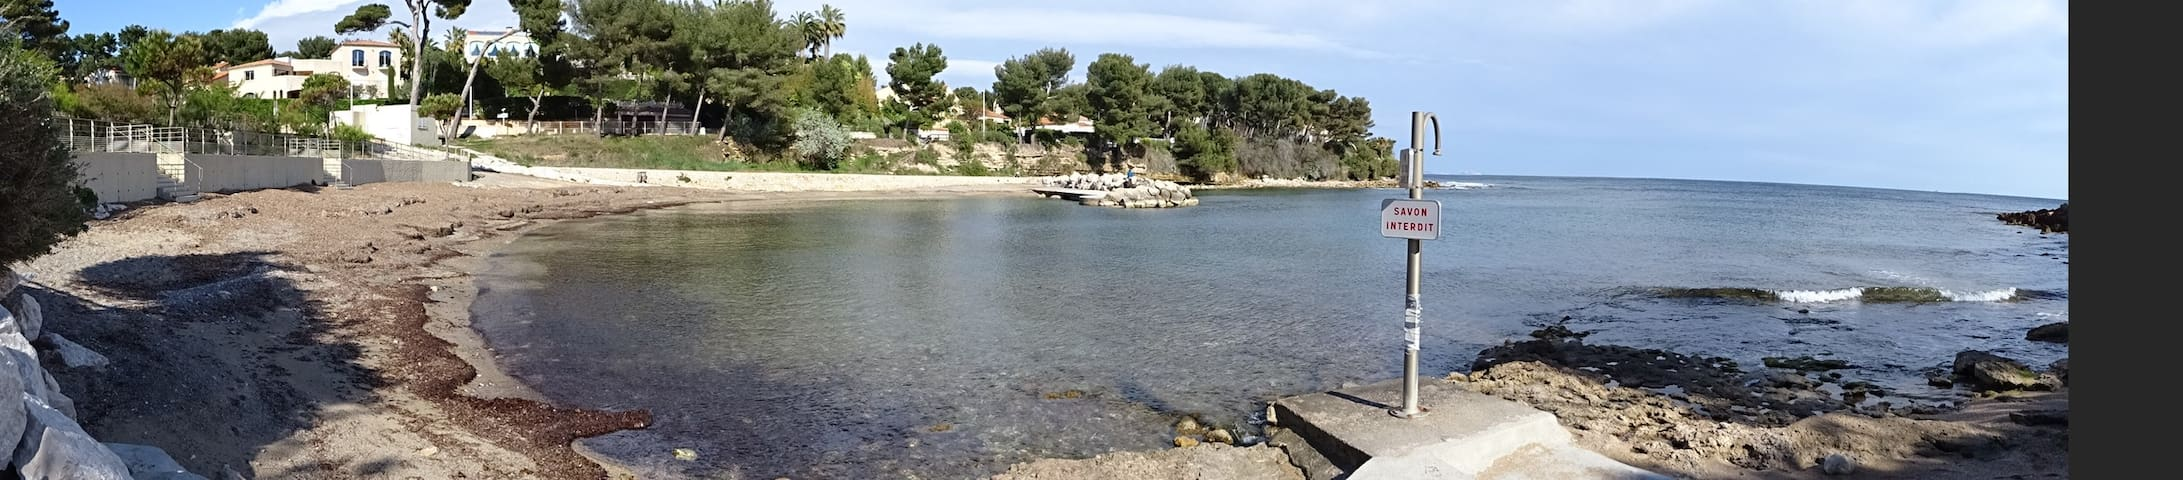 T2 Carry le Rouet 50m de la plage - Carry-le-Rouet - Квартира